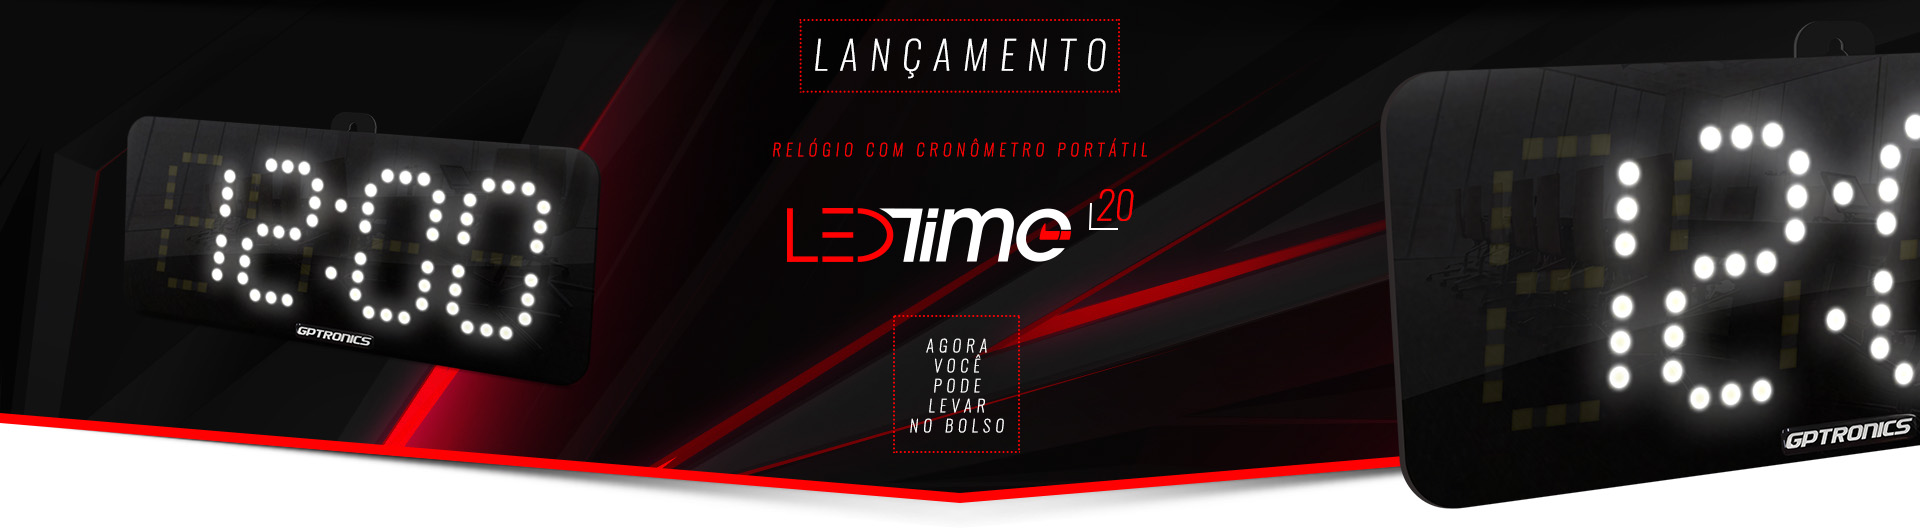 Ledtime 20